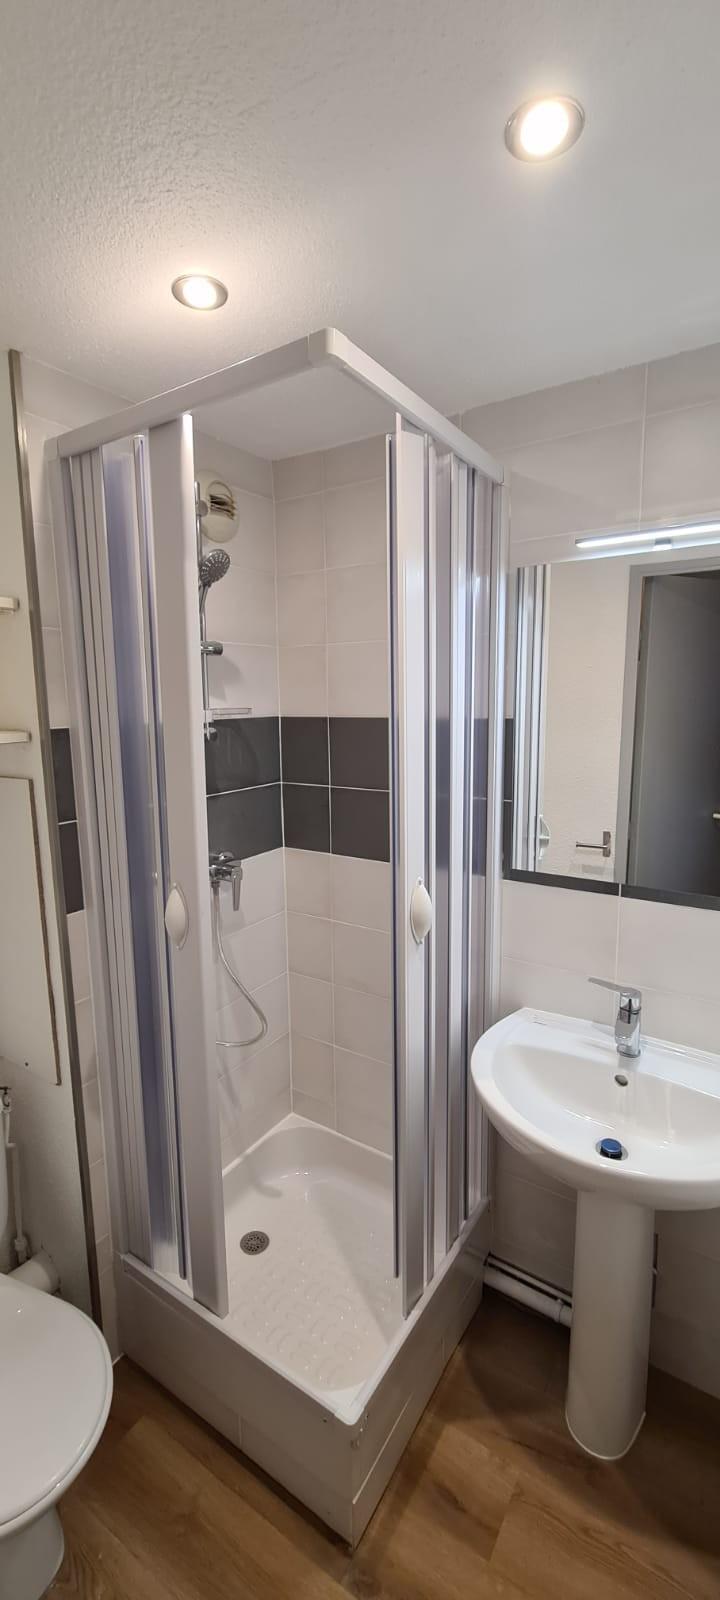 Rénovation salle d'eau avec nouvelle cabine de douche